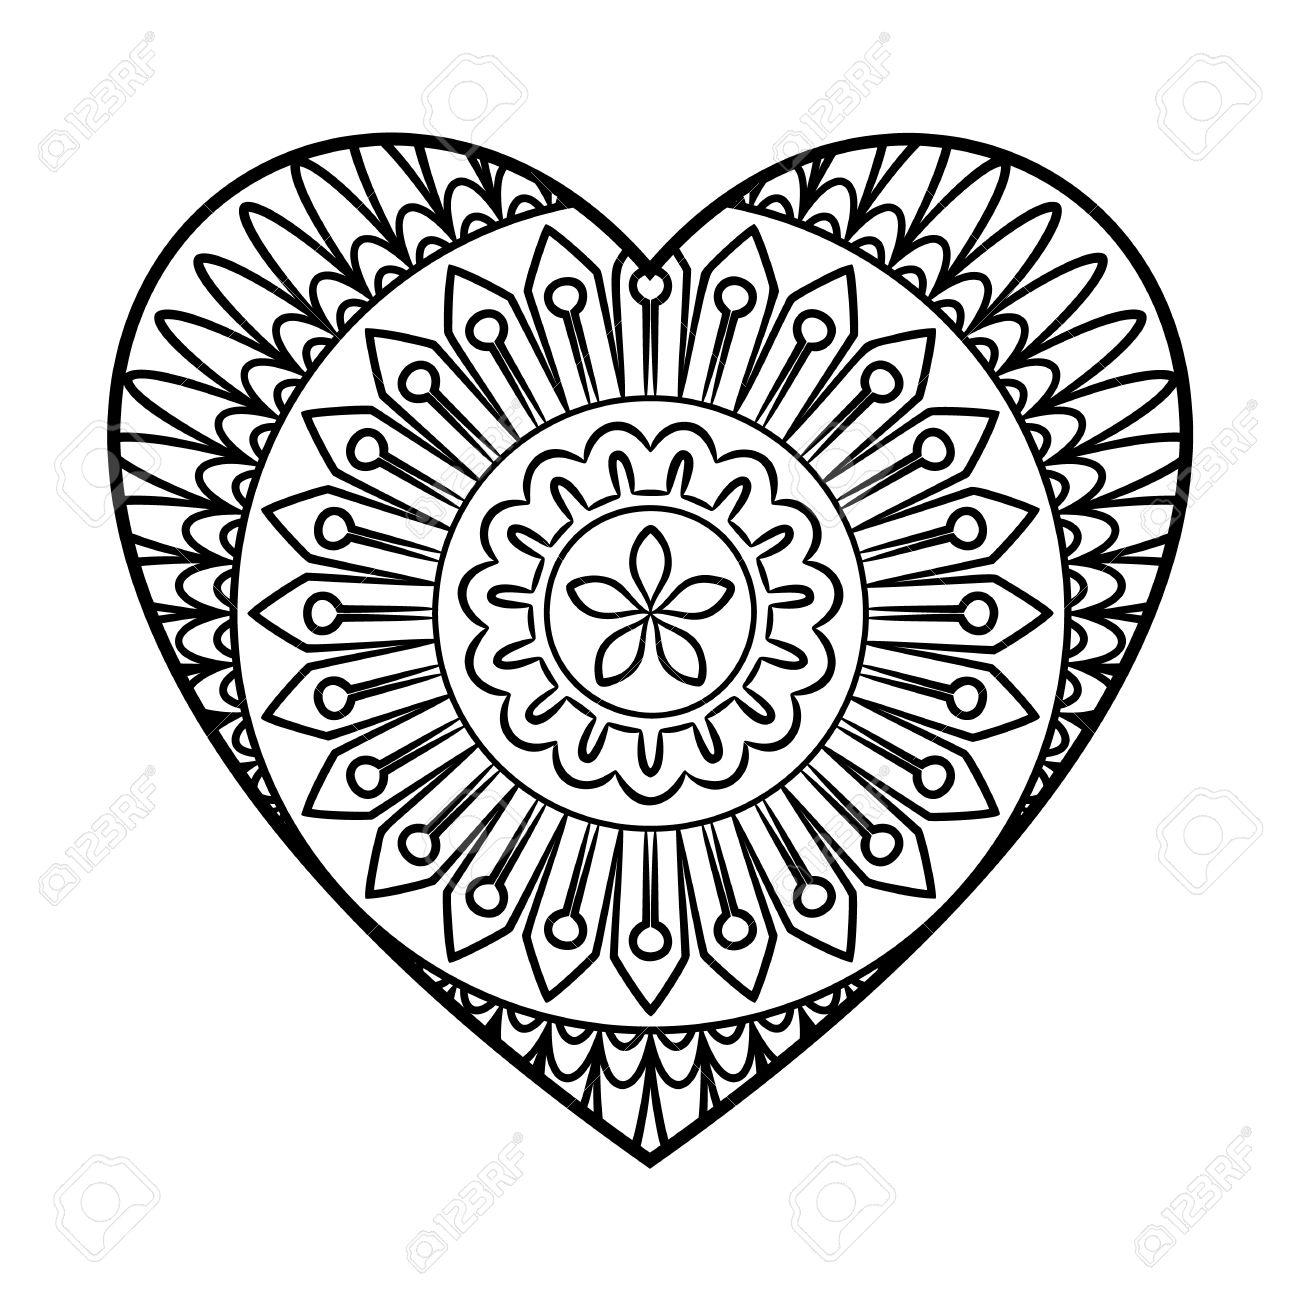 Doodle Coloriage mandala de coeur Outline floral élément de design en forme de coeur